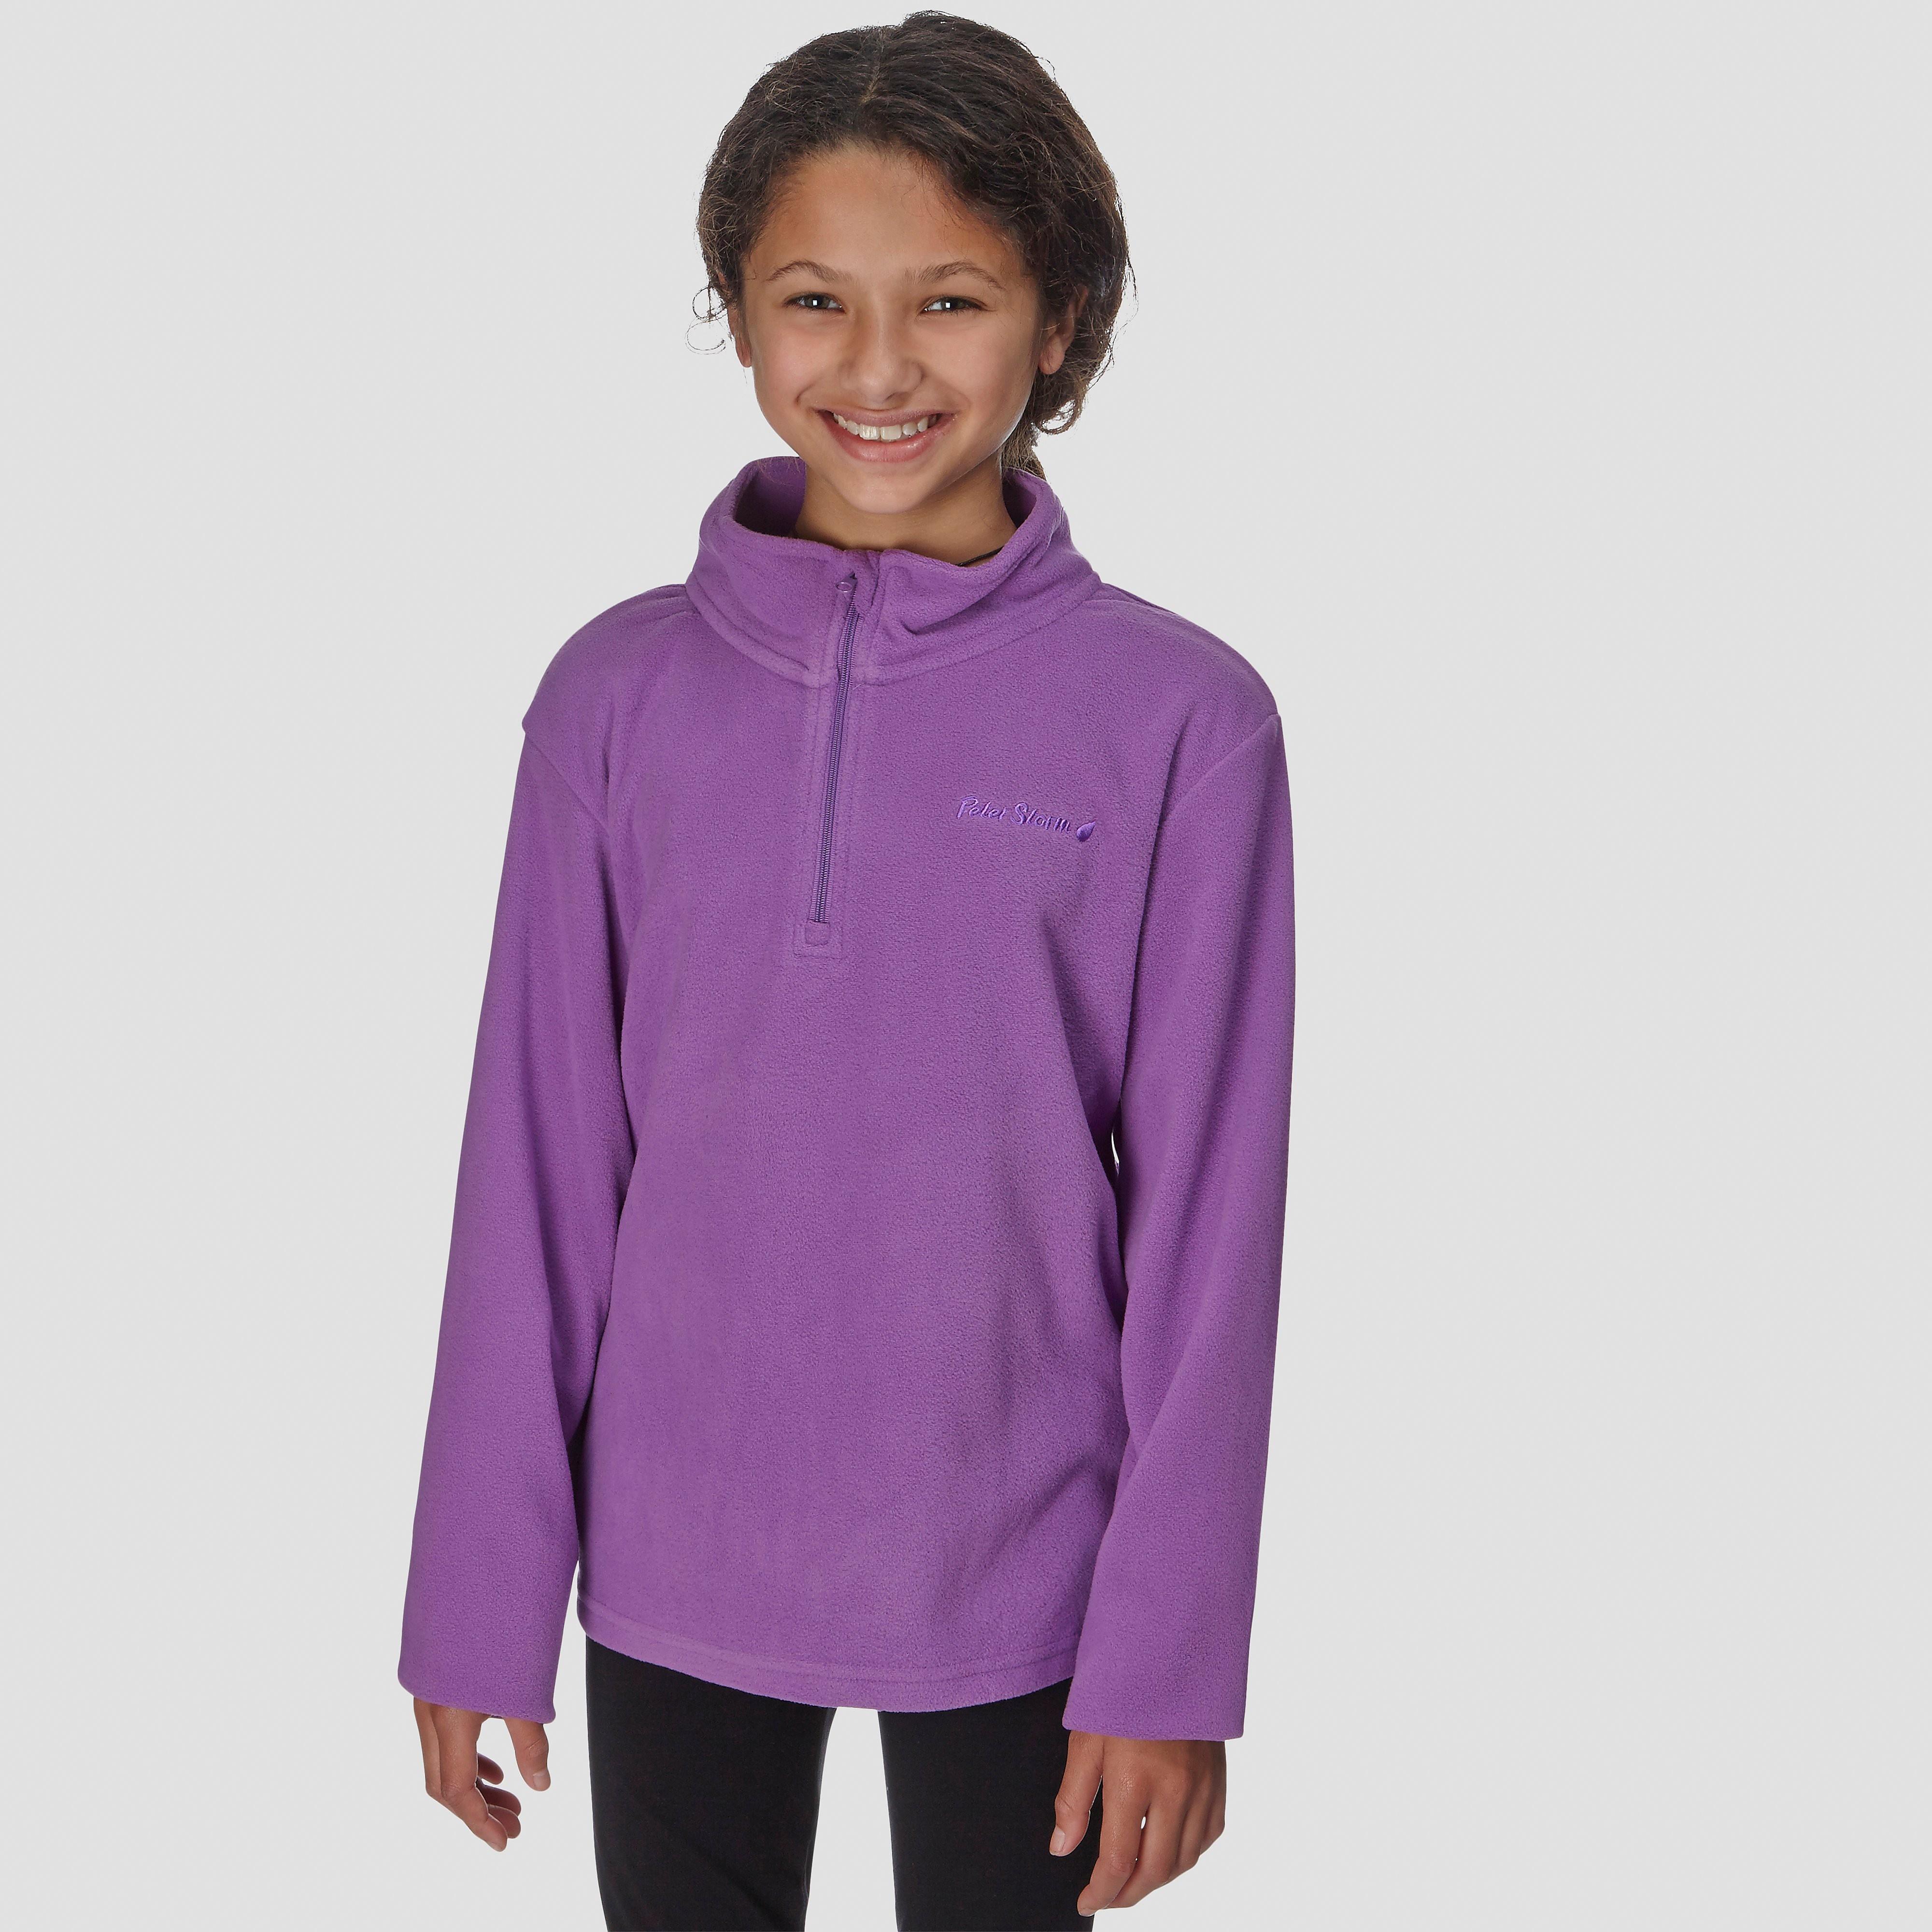 Peter Storm Kids' Coniston Half Zip Fleece